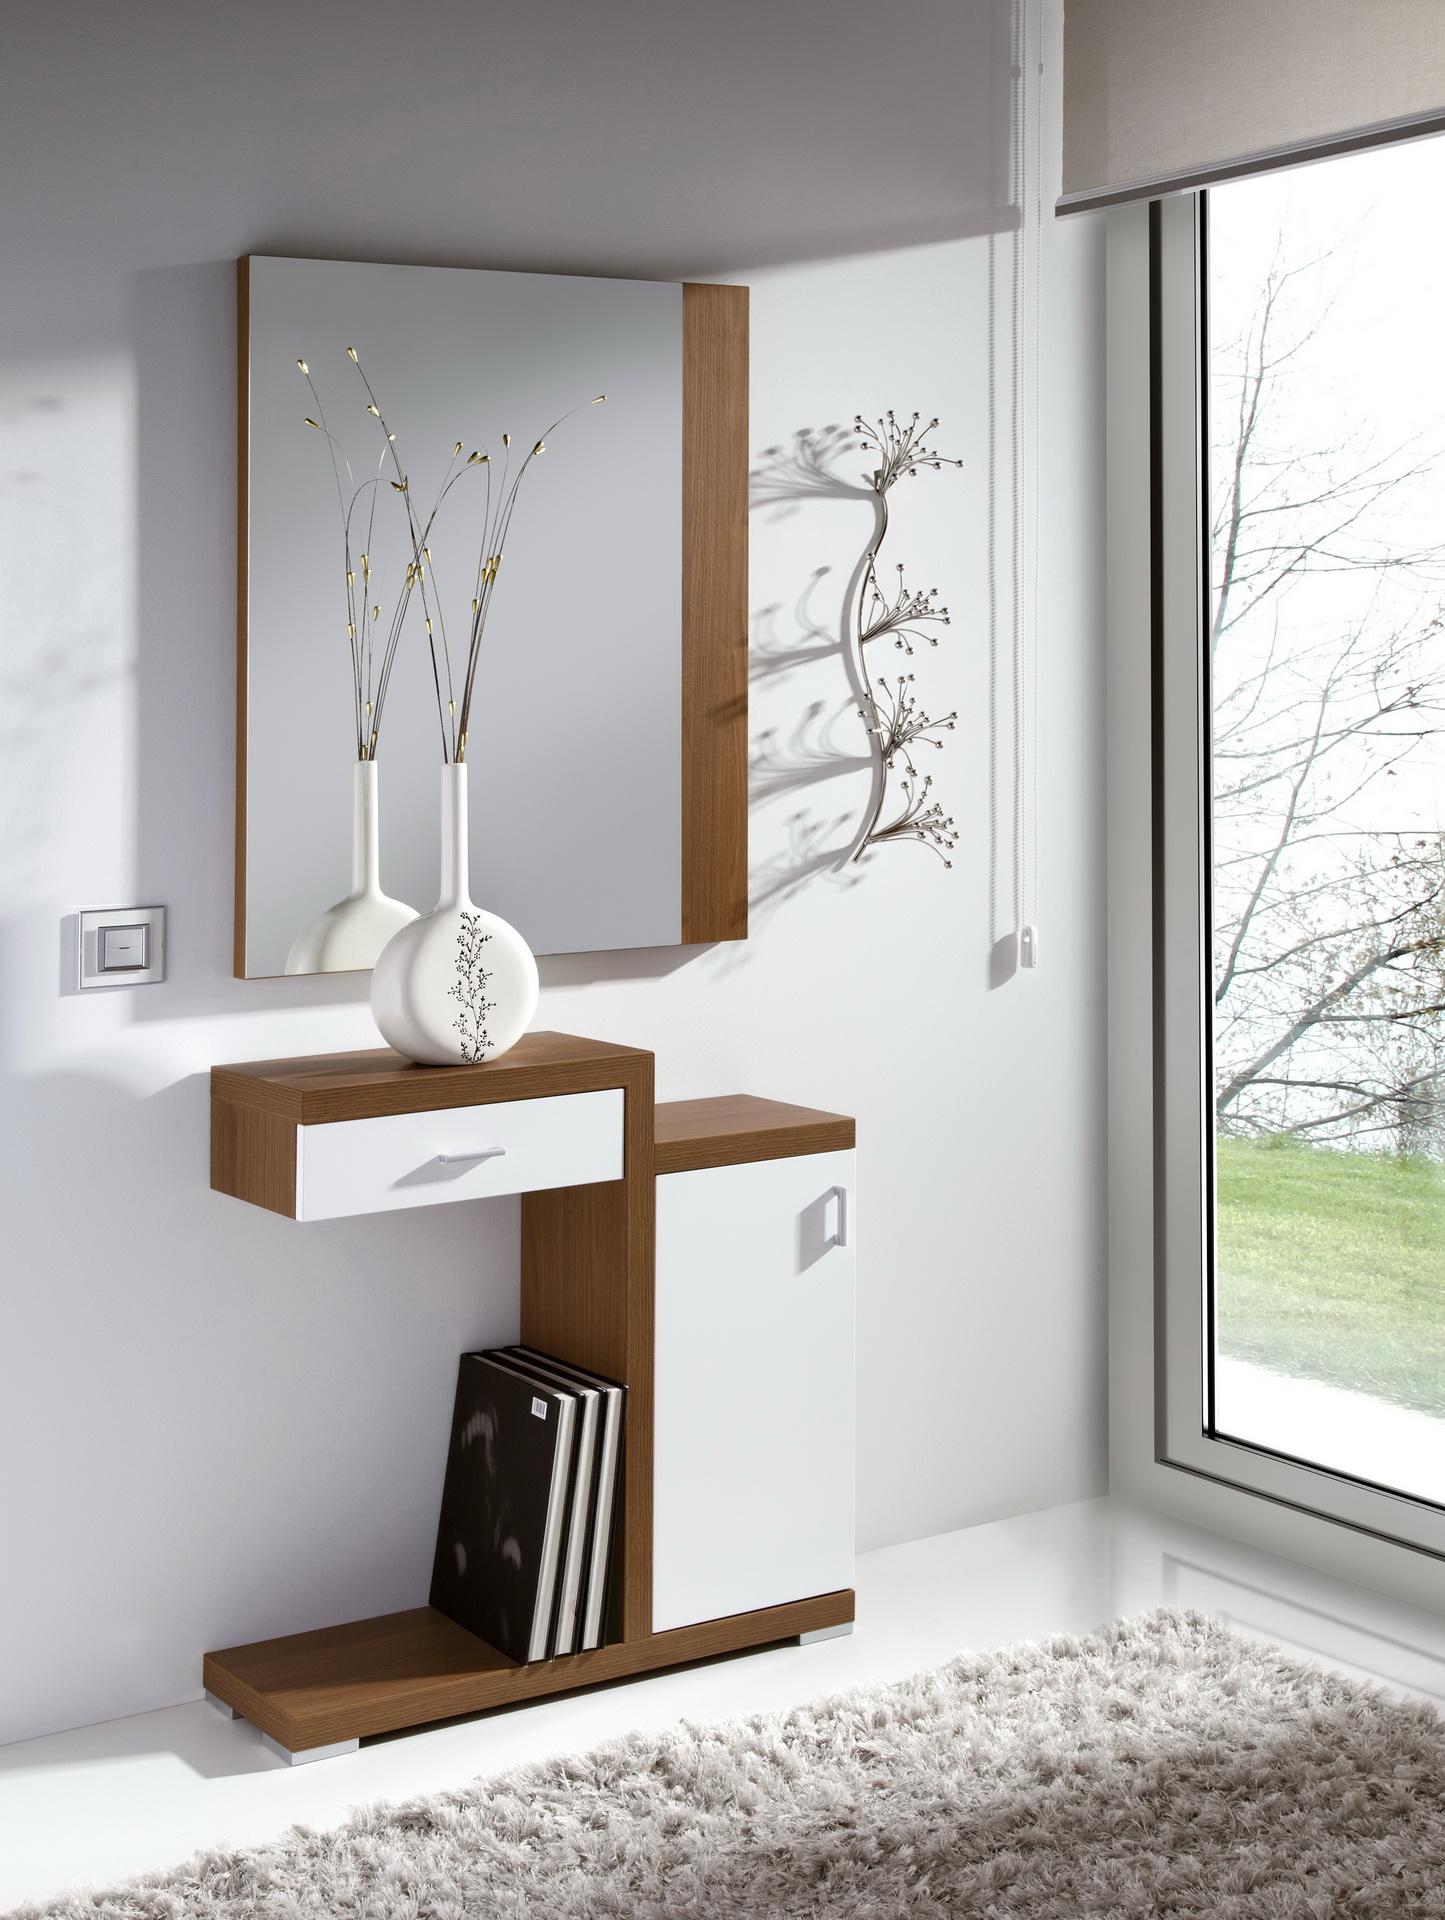 Herdasa l nea eco entradas medida reducida muebles anto n - Muebles de entrada pequenos ...